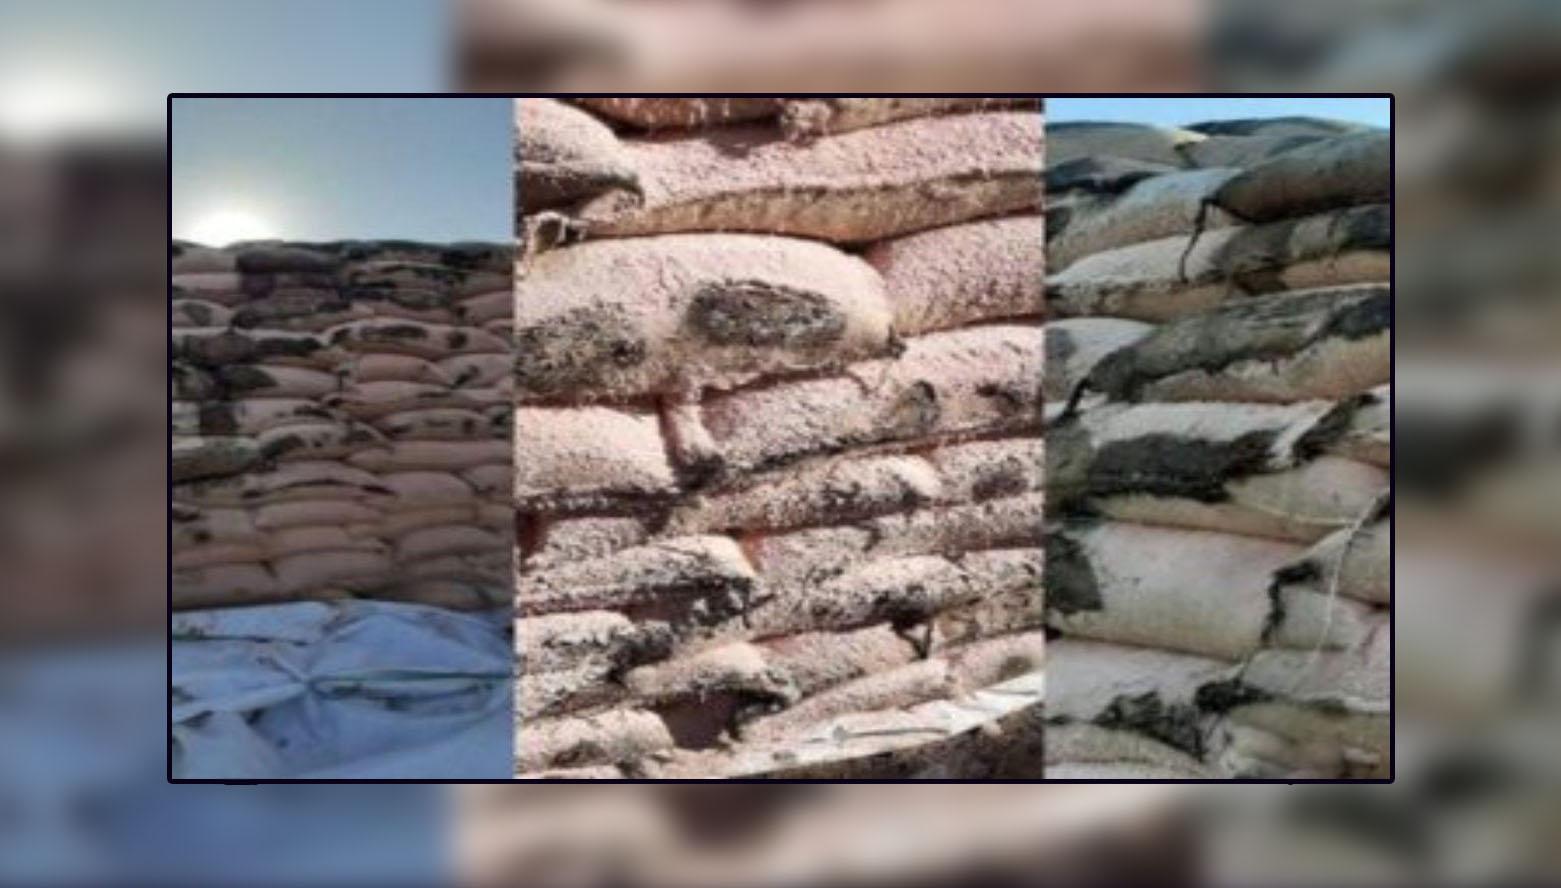 الأرز والقهوة والحليب الفاسدة بميناء رادس